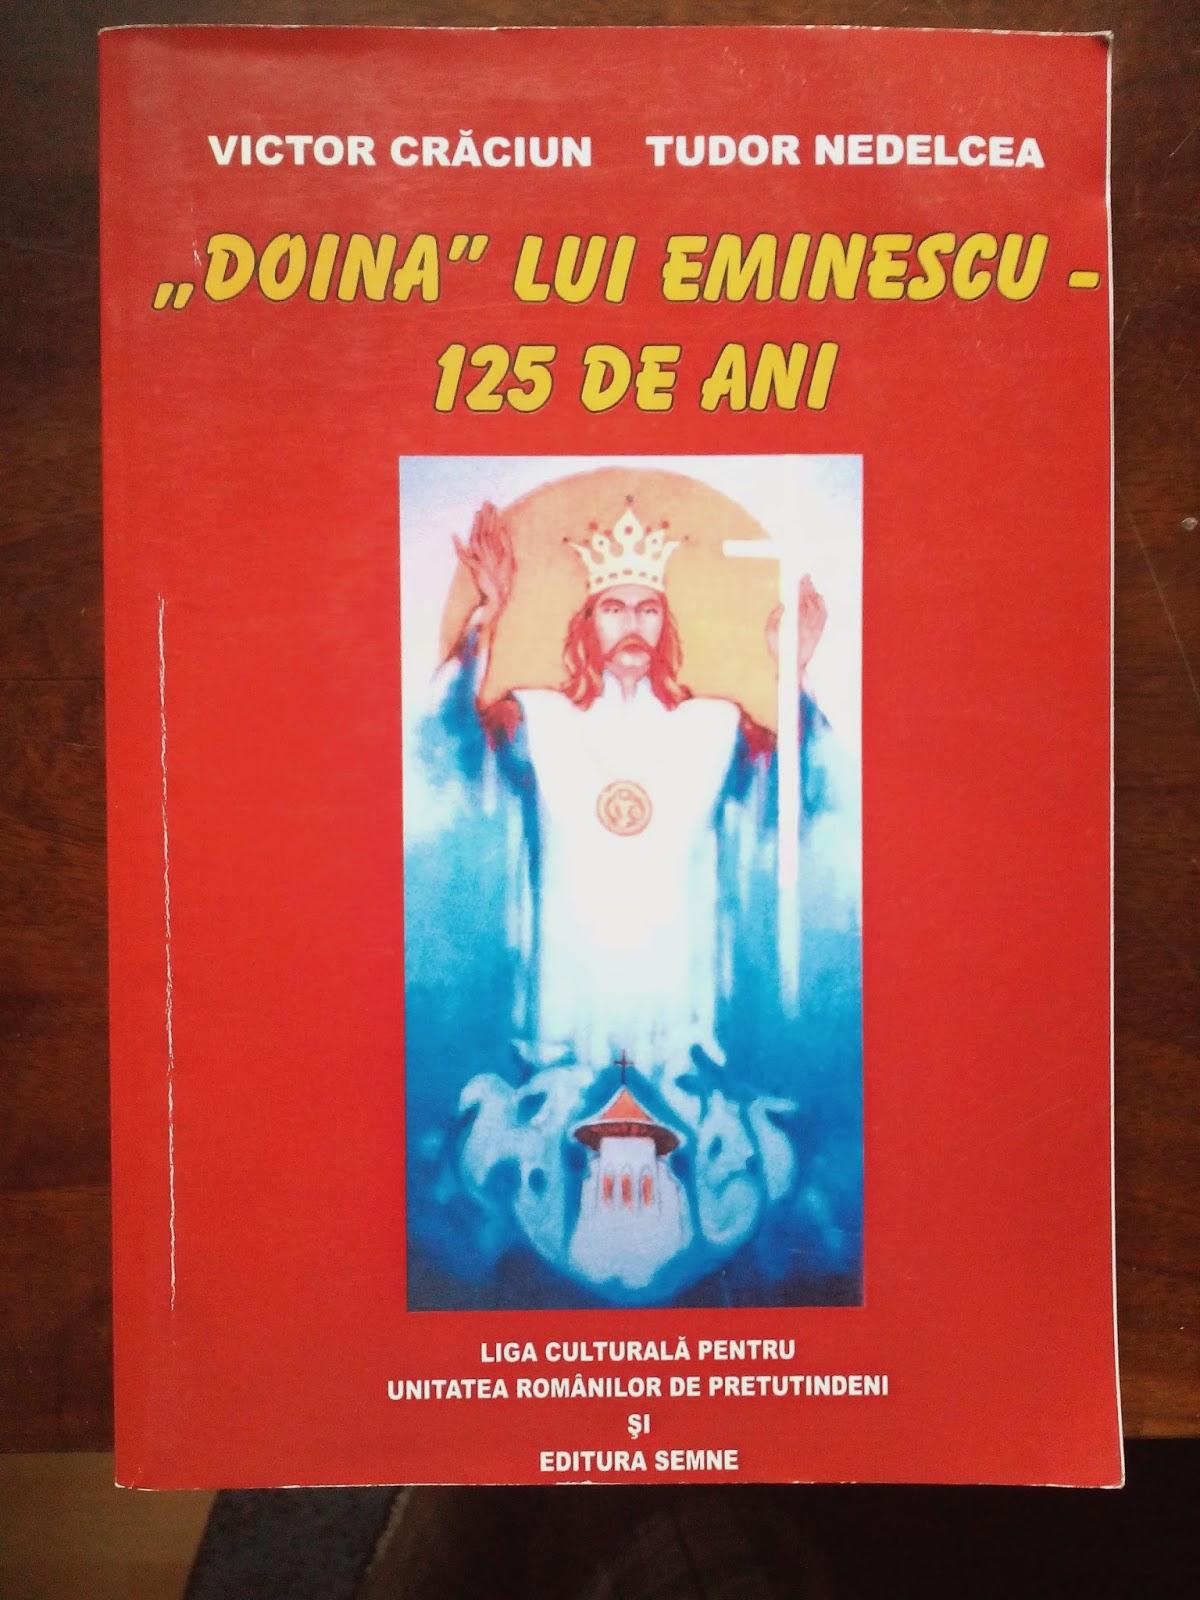 """Tudor Nedelcea, Victor Craciun - """"Doina"""" lui Eminescu - 125 de ani"""